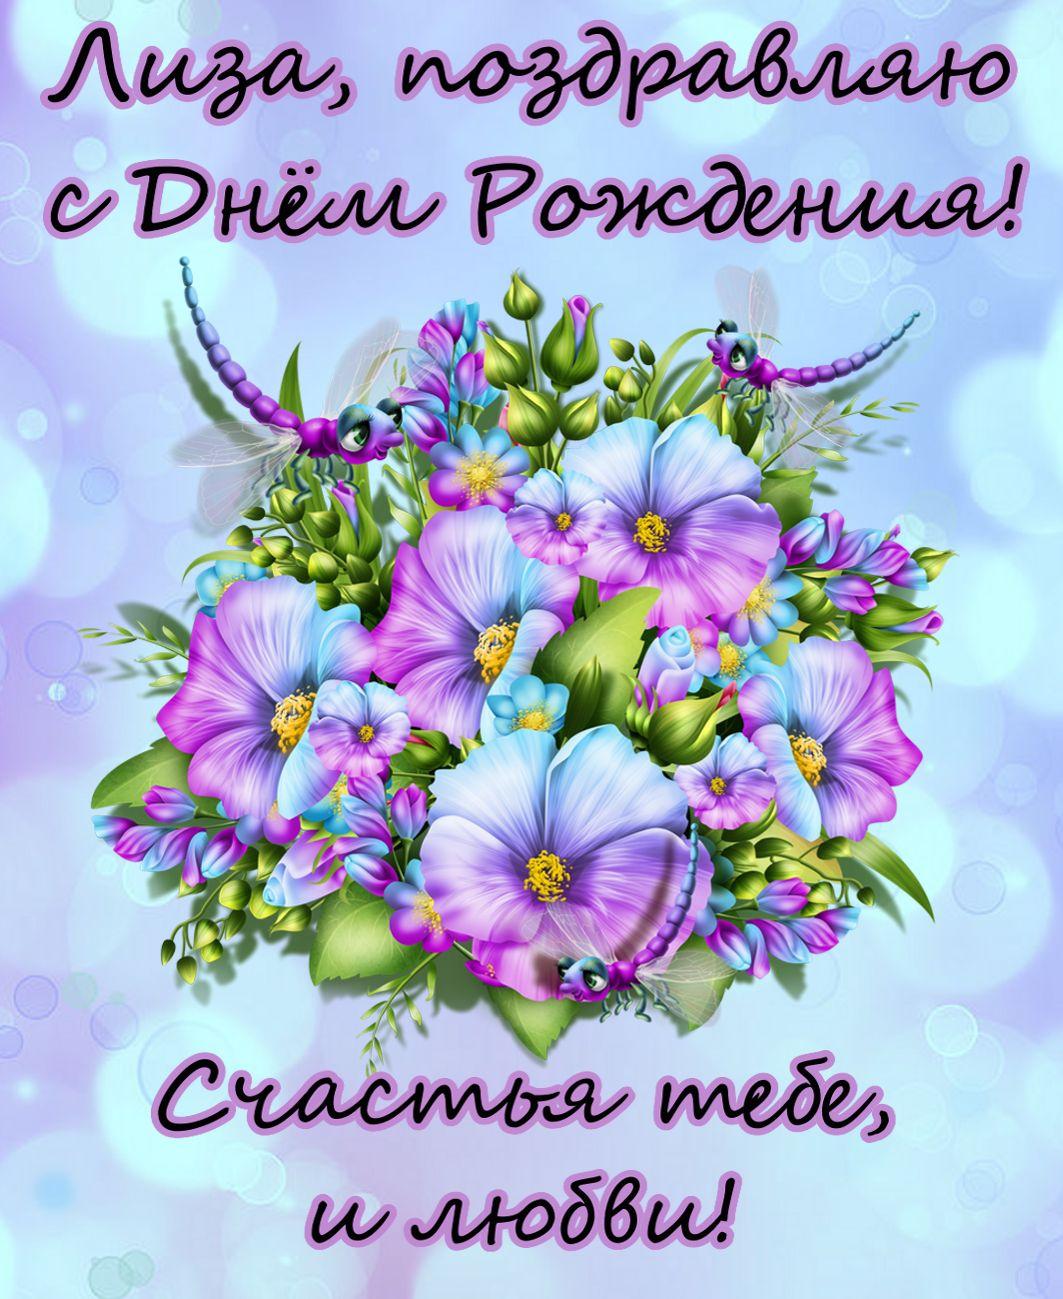 Открытка на День рождения Лизе - красивые рисованные цветы с поздравлением